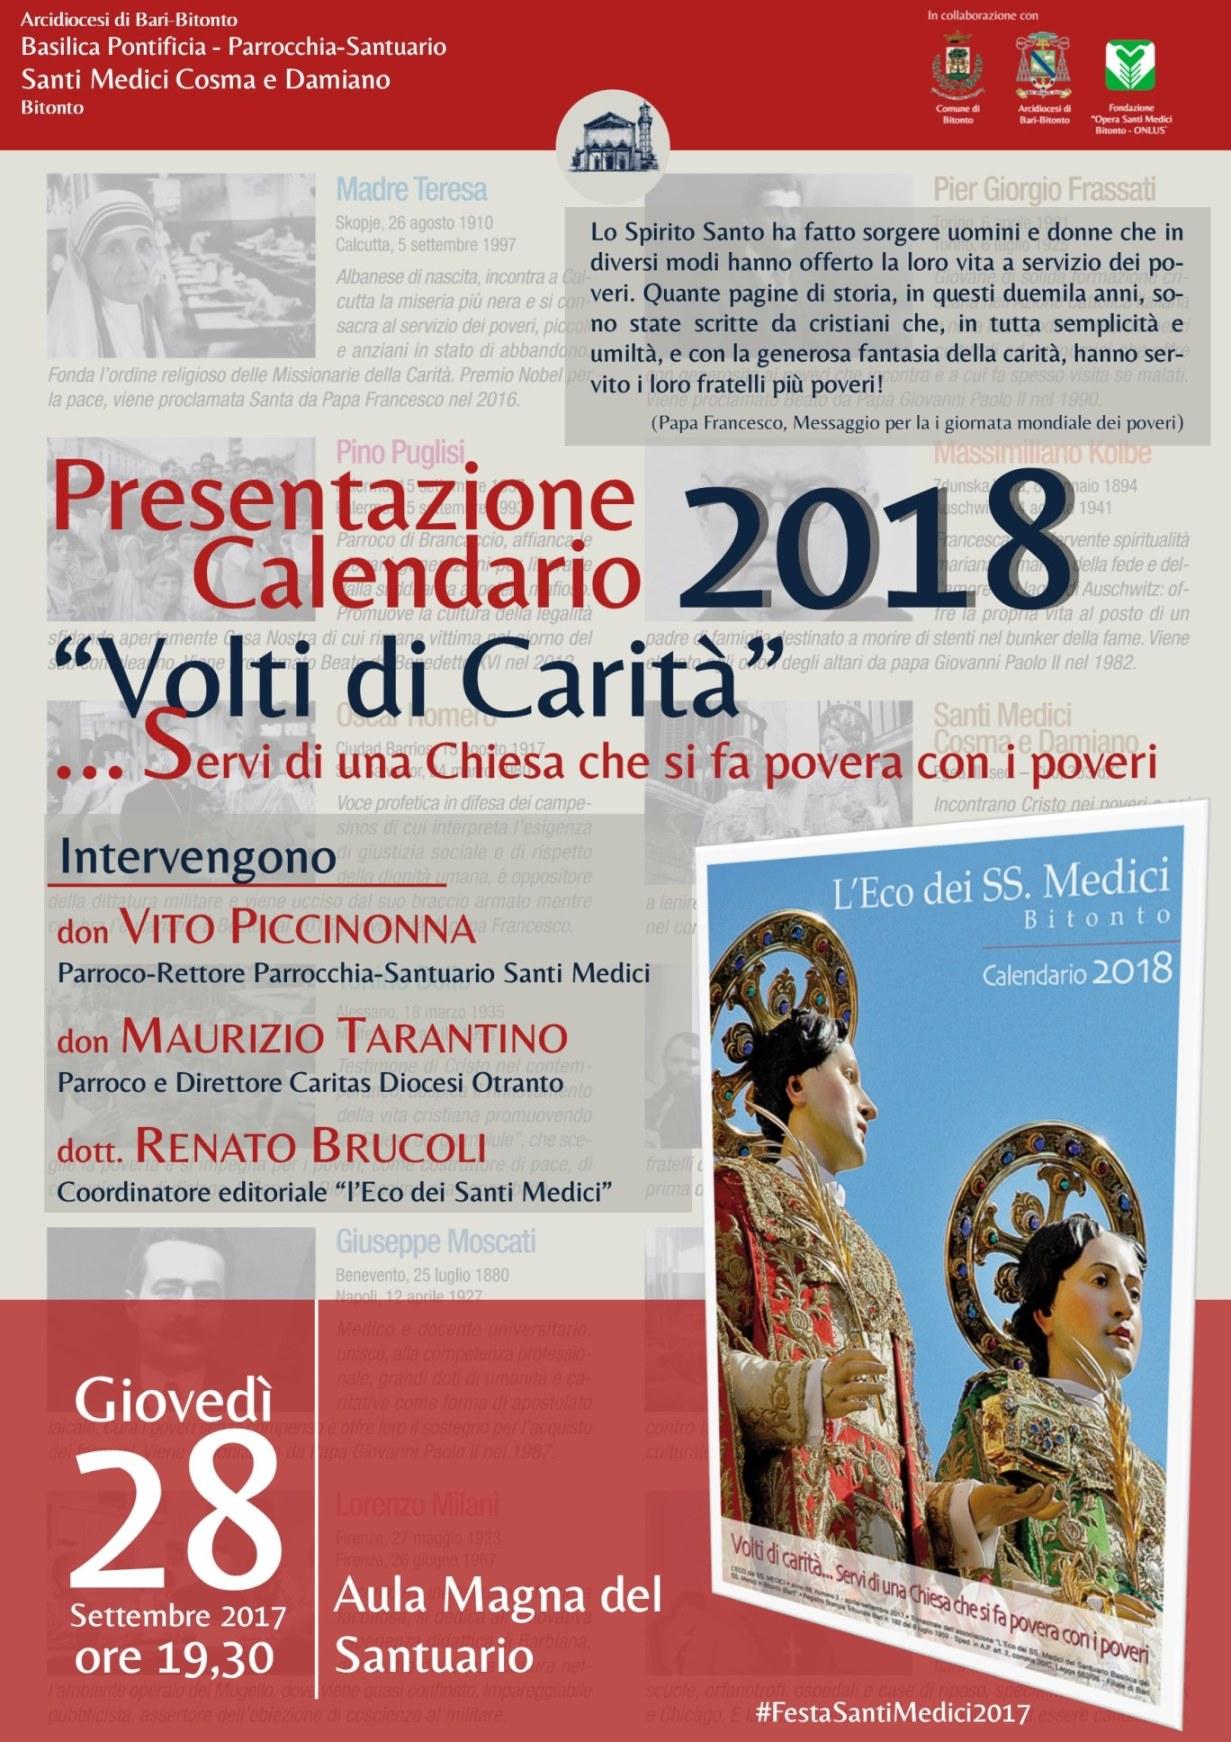 Calendario E Santi.Festa 2017 Presentazione Calendario Santi Medici 2018